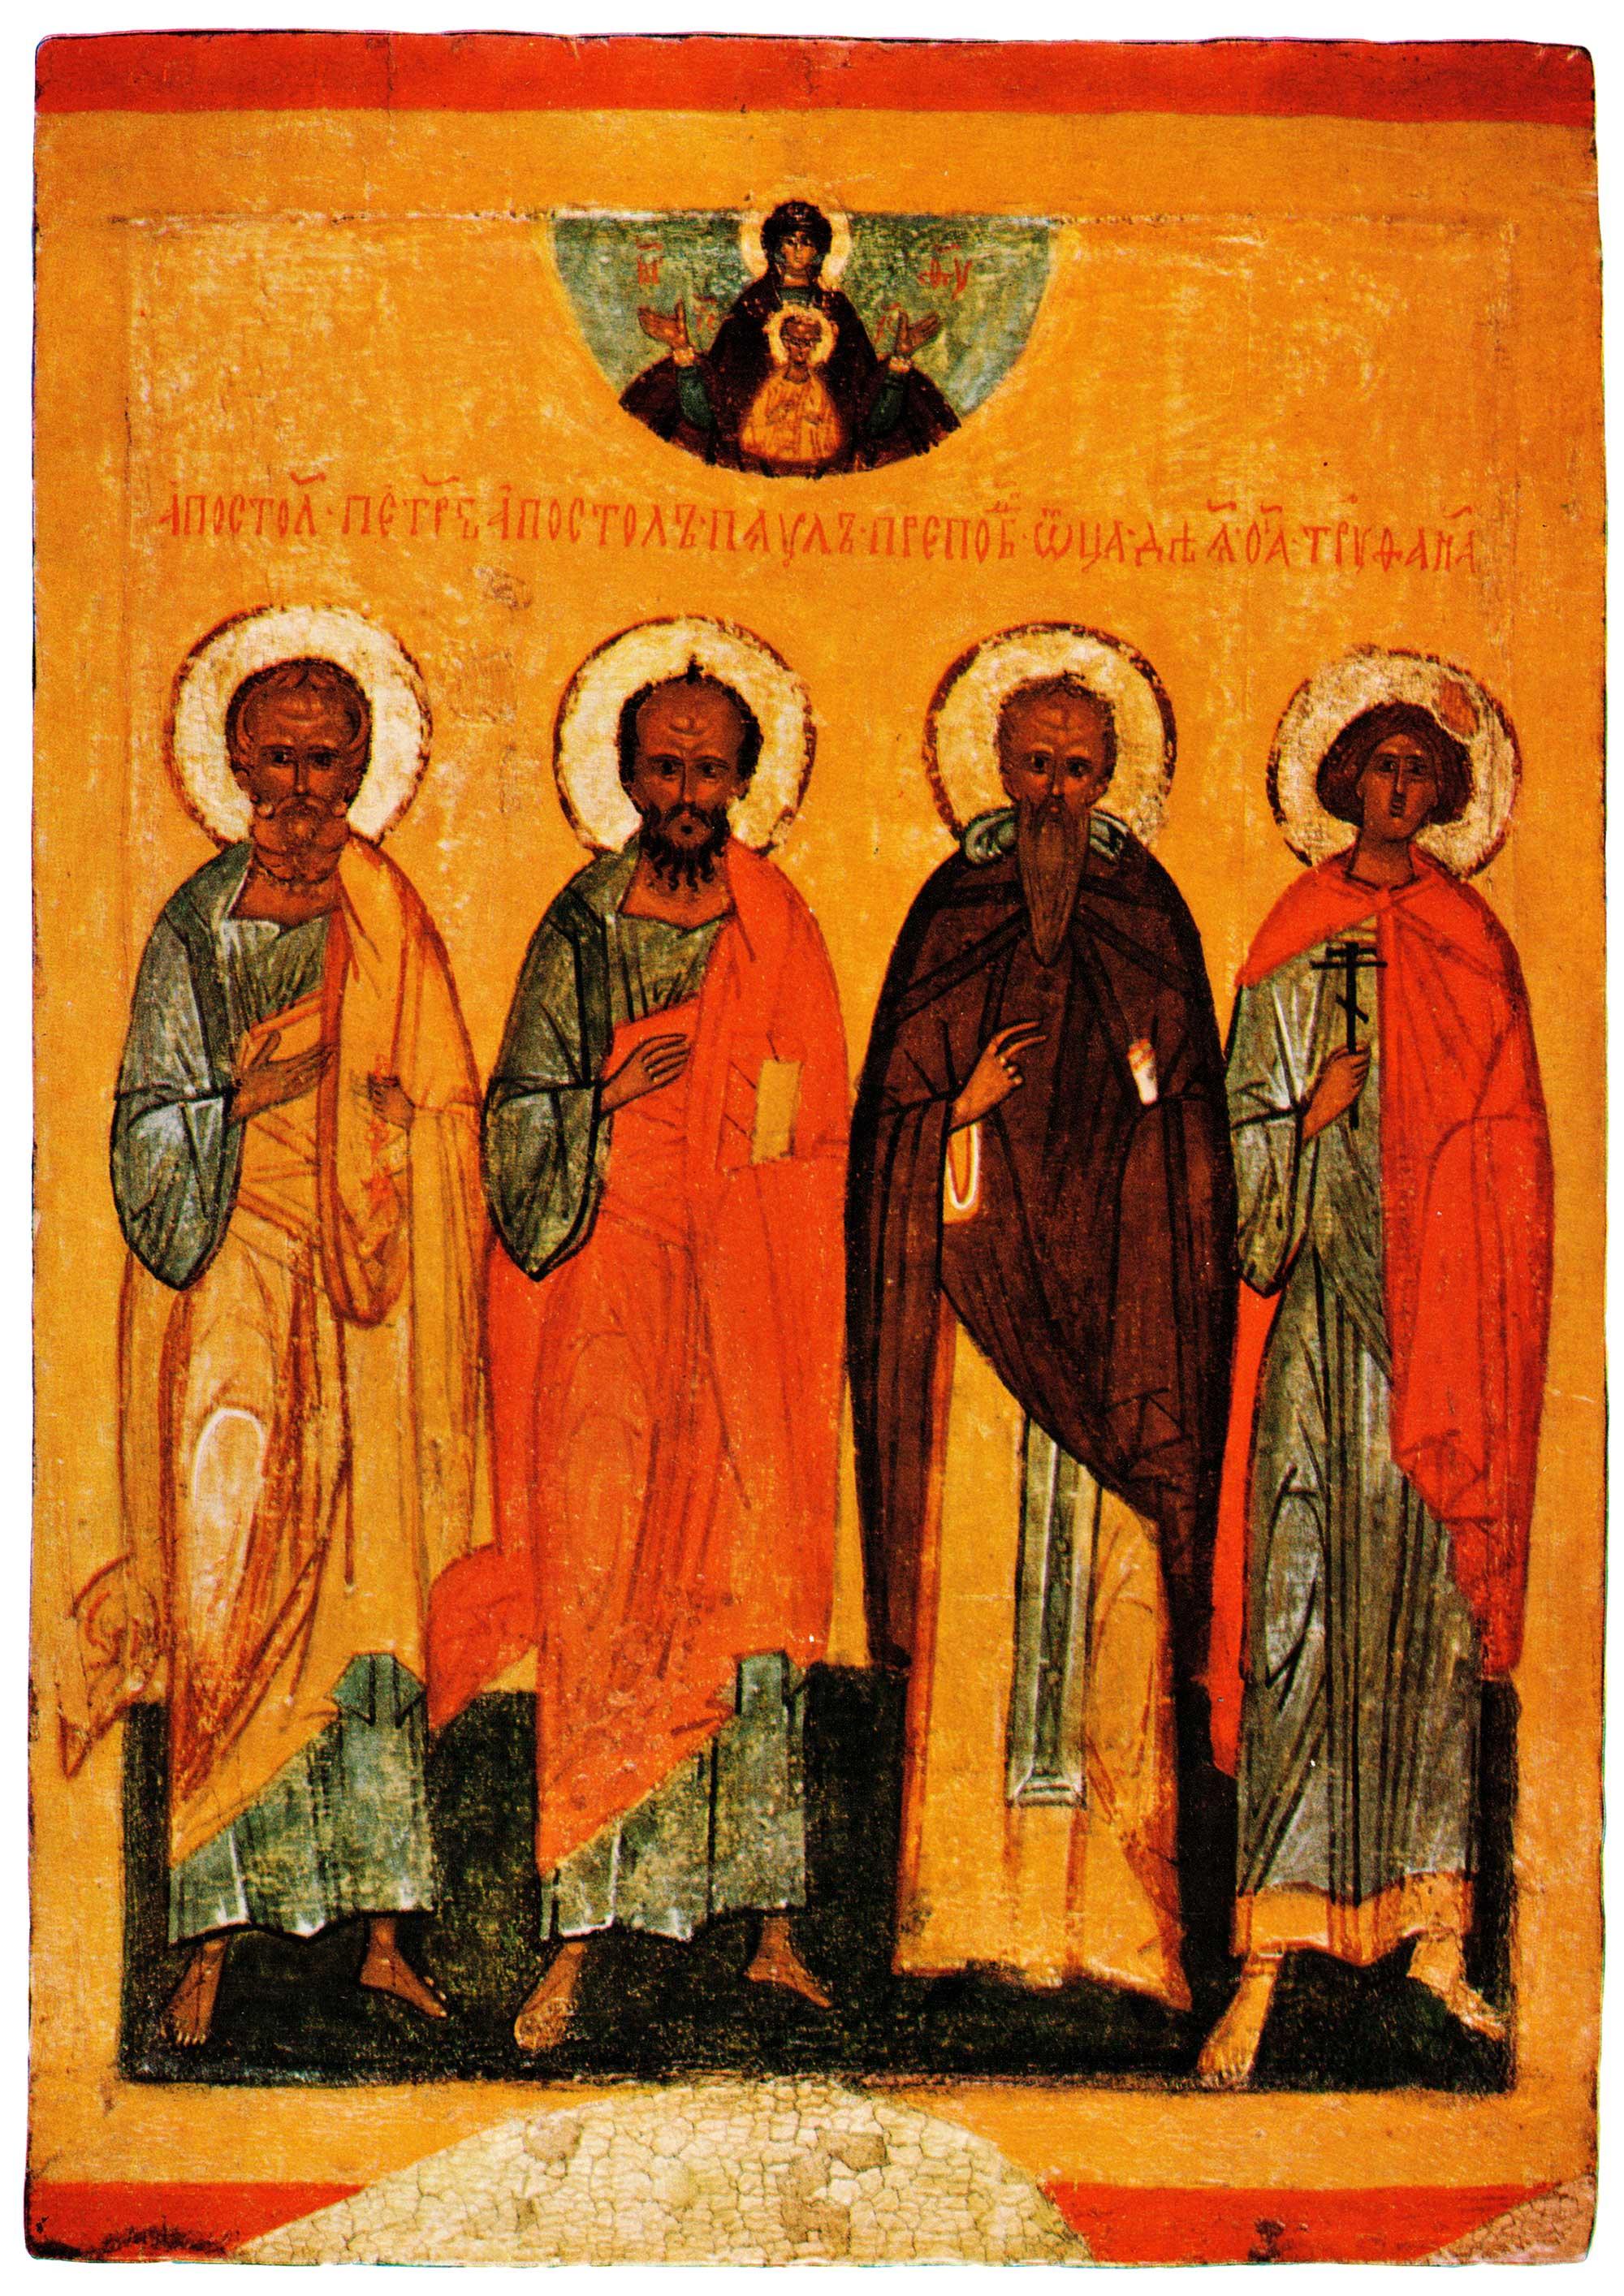 Апостолы Петр и Павел, преподобный Дий и мученик Трифон